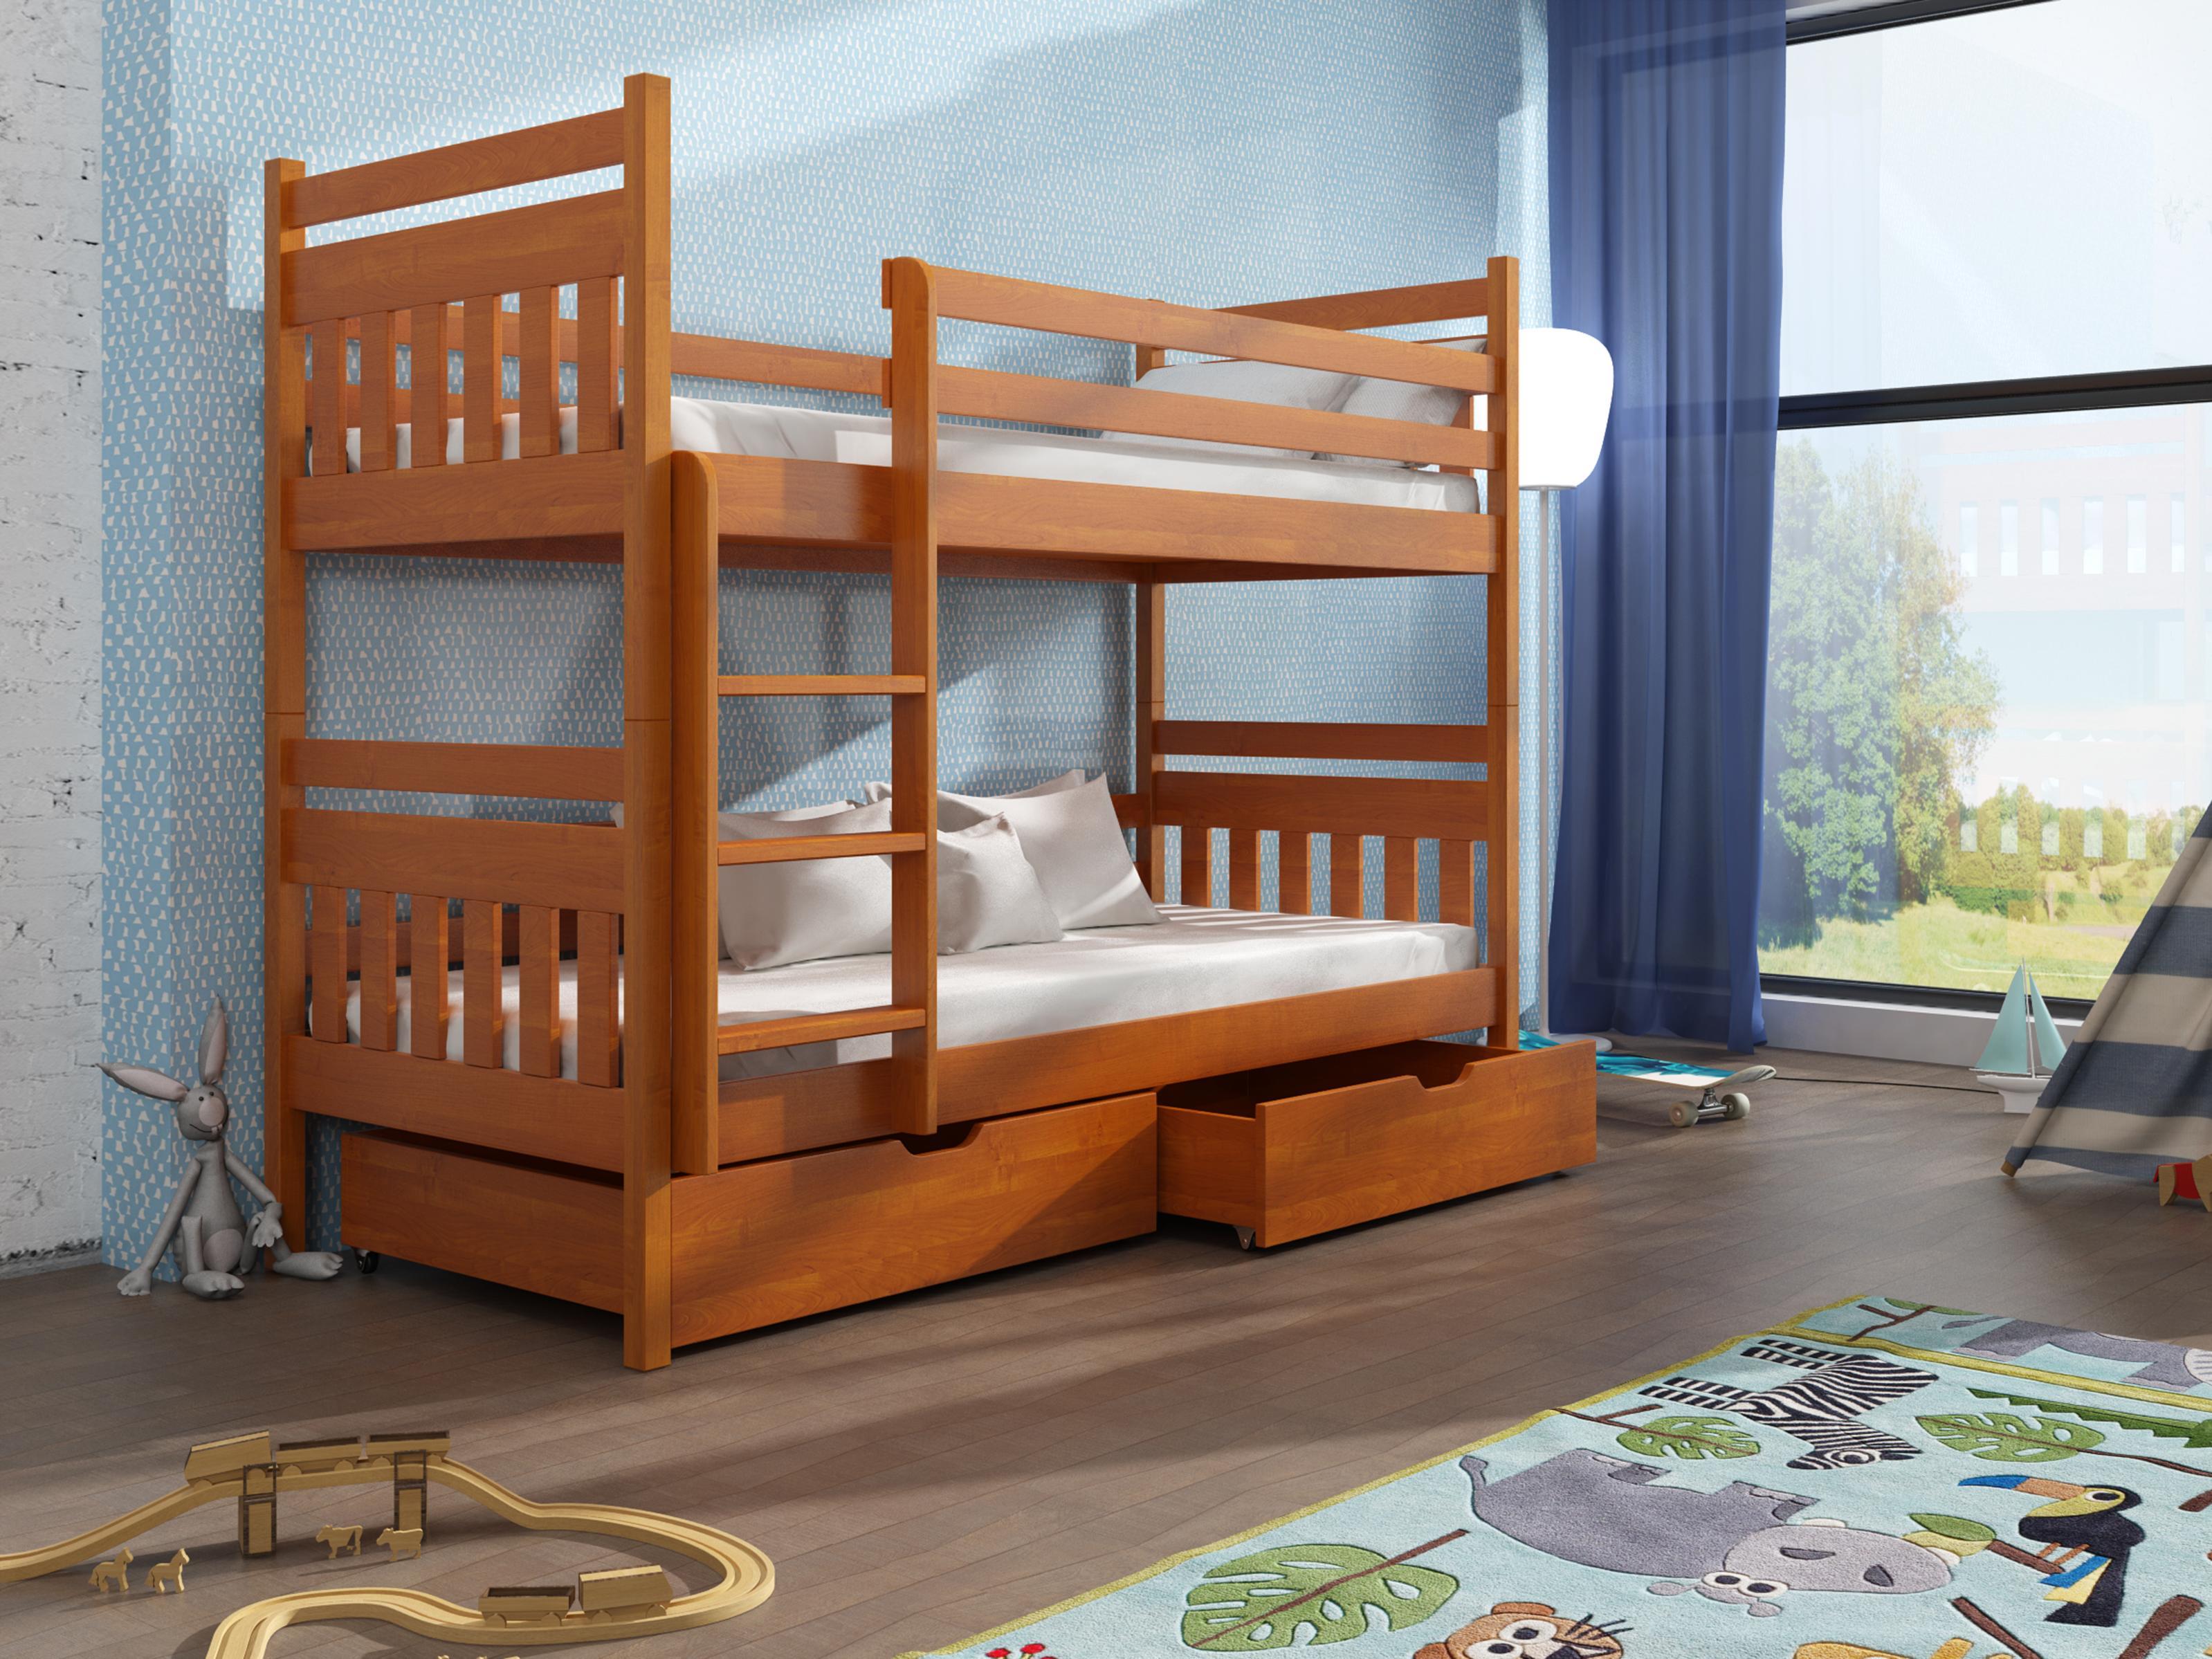 Dětská patrová postel 90 cm - Aras (olše)